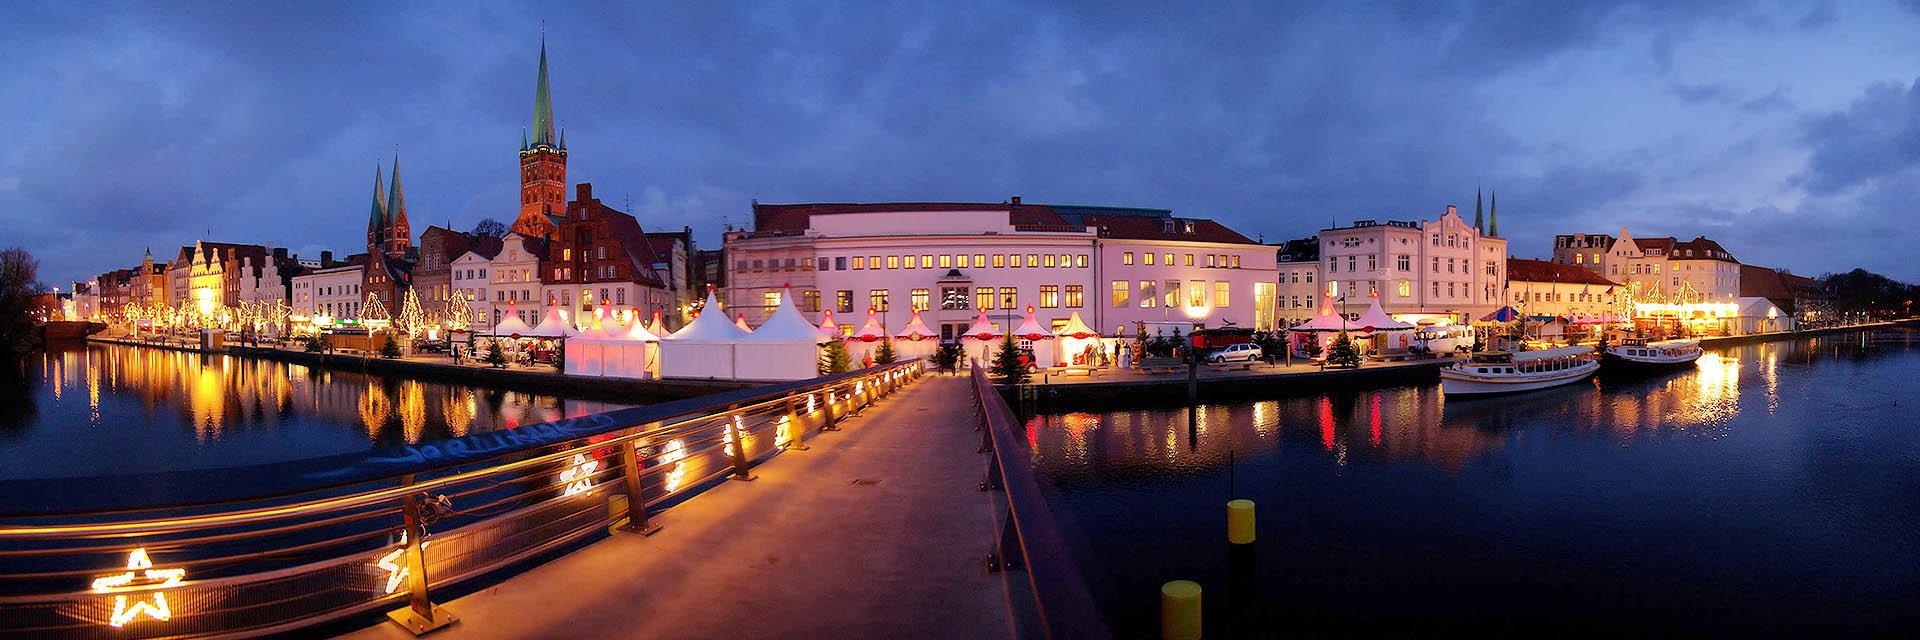 maritim club hotel timmendorfer strand